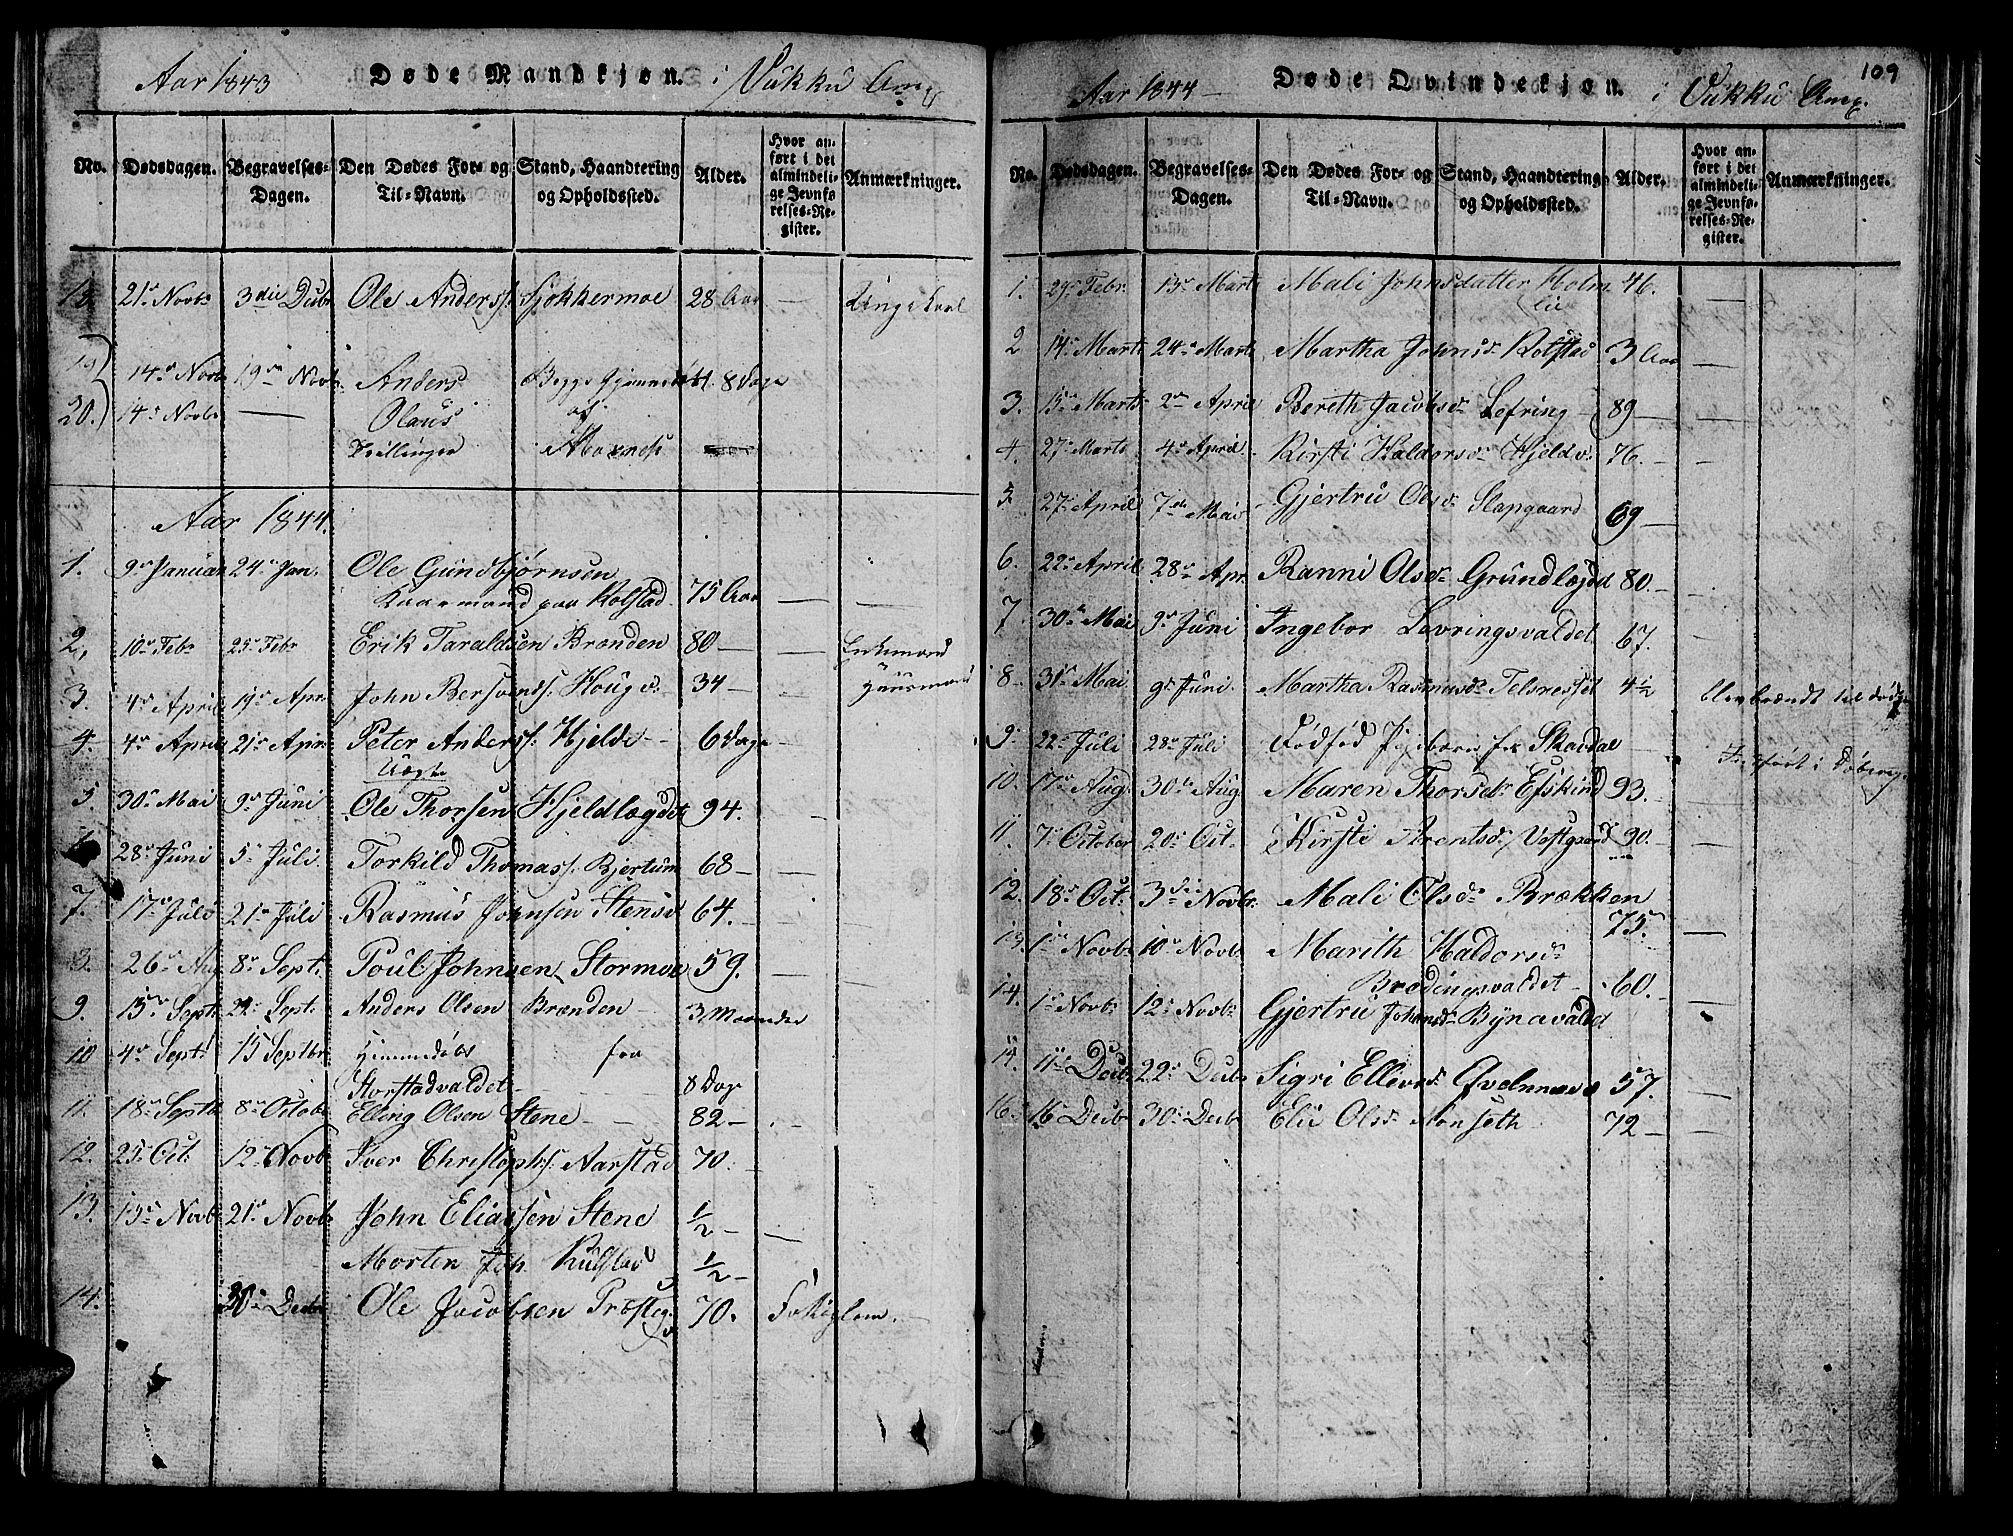 SAT, Ministerialprotokoller, klokkerbøker og fødselsregistre - Nord-Trøndelag, 723/L0251: Klokkerbok nr. 723C01 /2, 1843-1845, s. 109